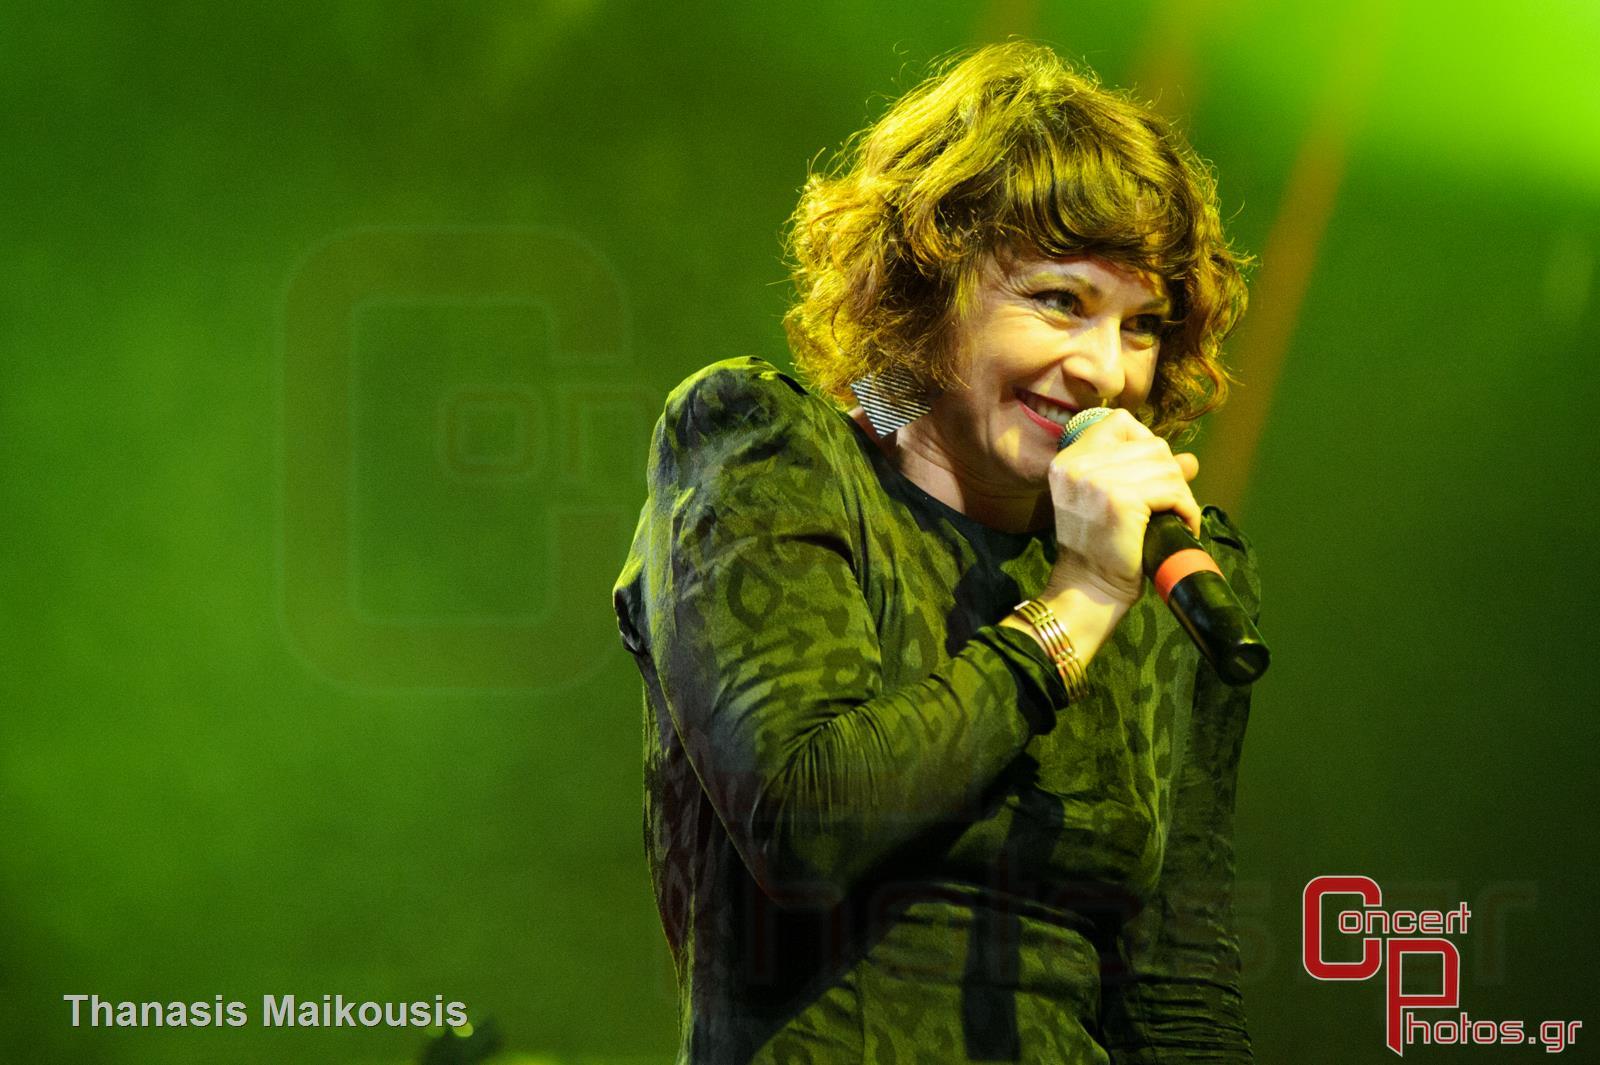 Nouvelle Vague-Nuvelle Vague photographer: Thanasis Maikousis - concertphotos_-8596